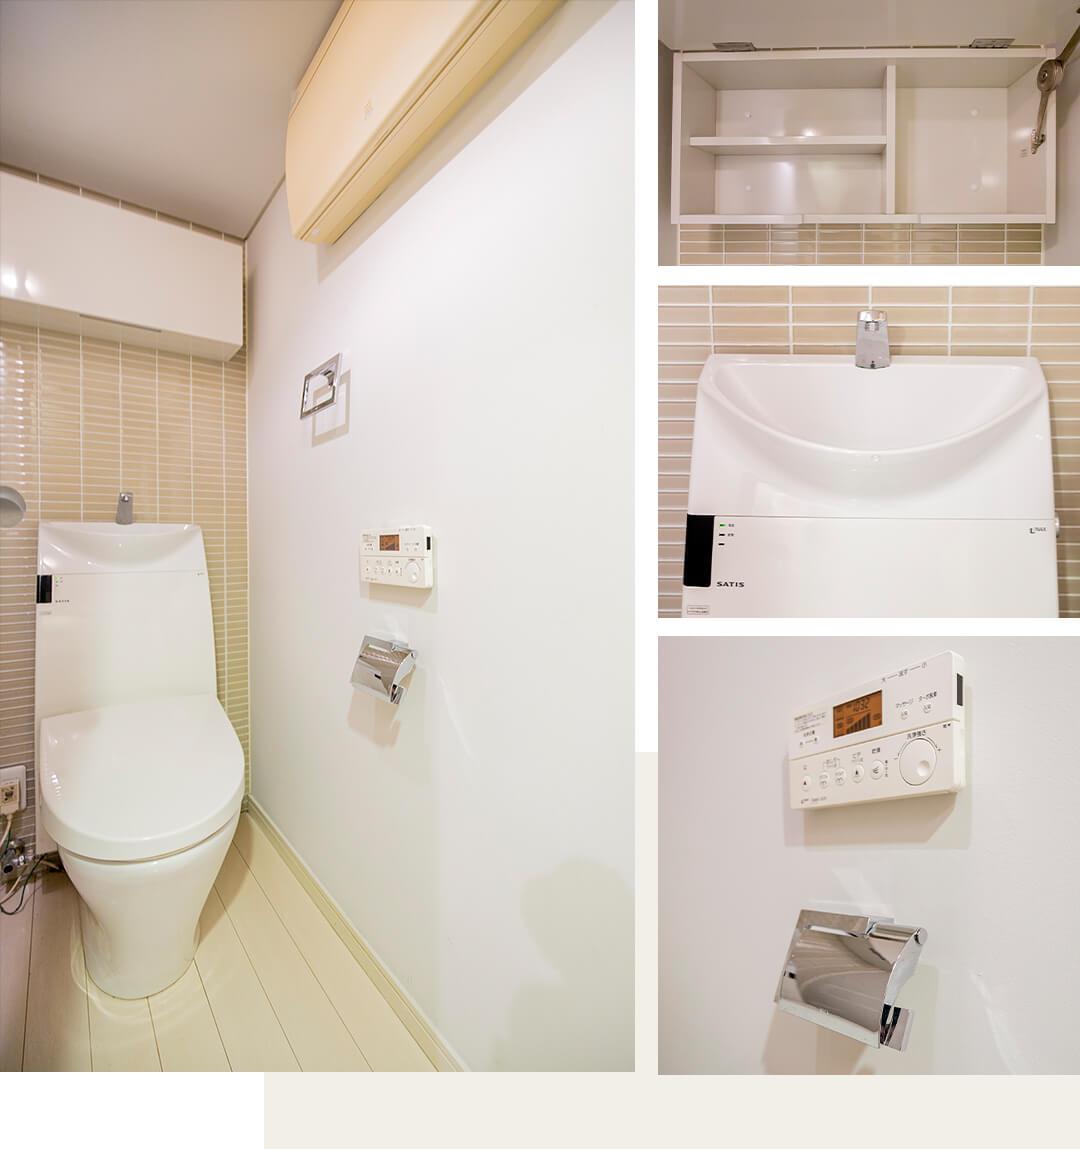 ゼクシア吉祥寺のトイレ